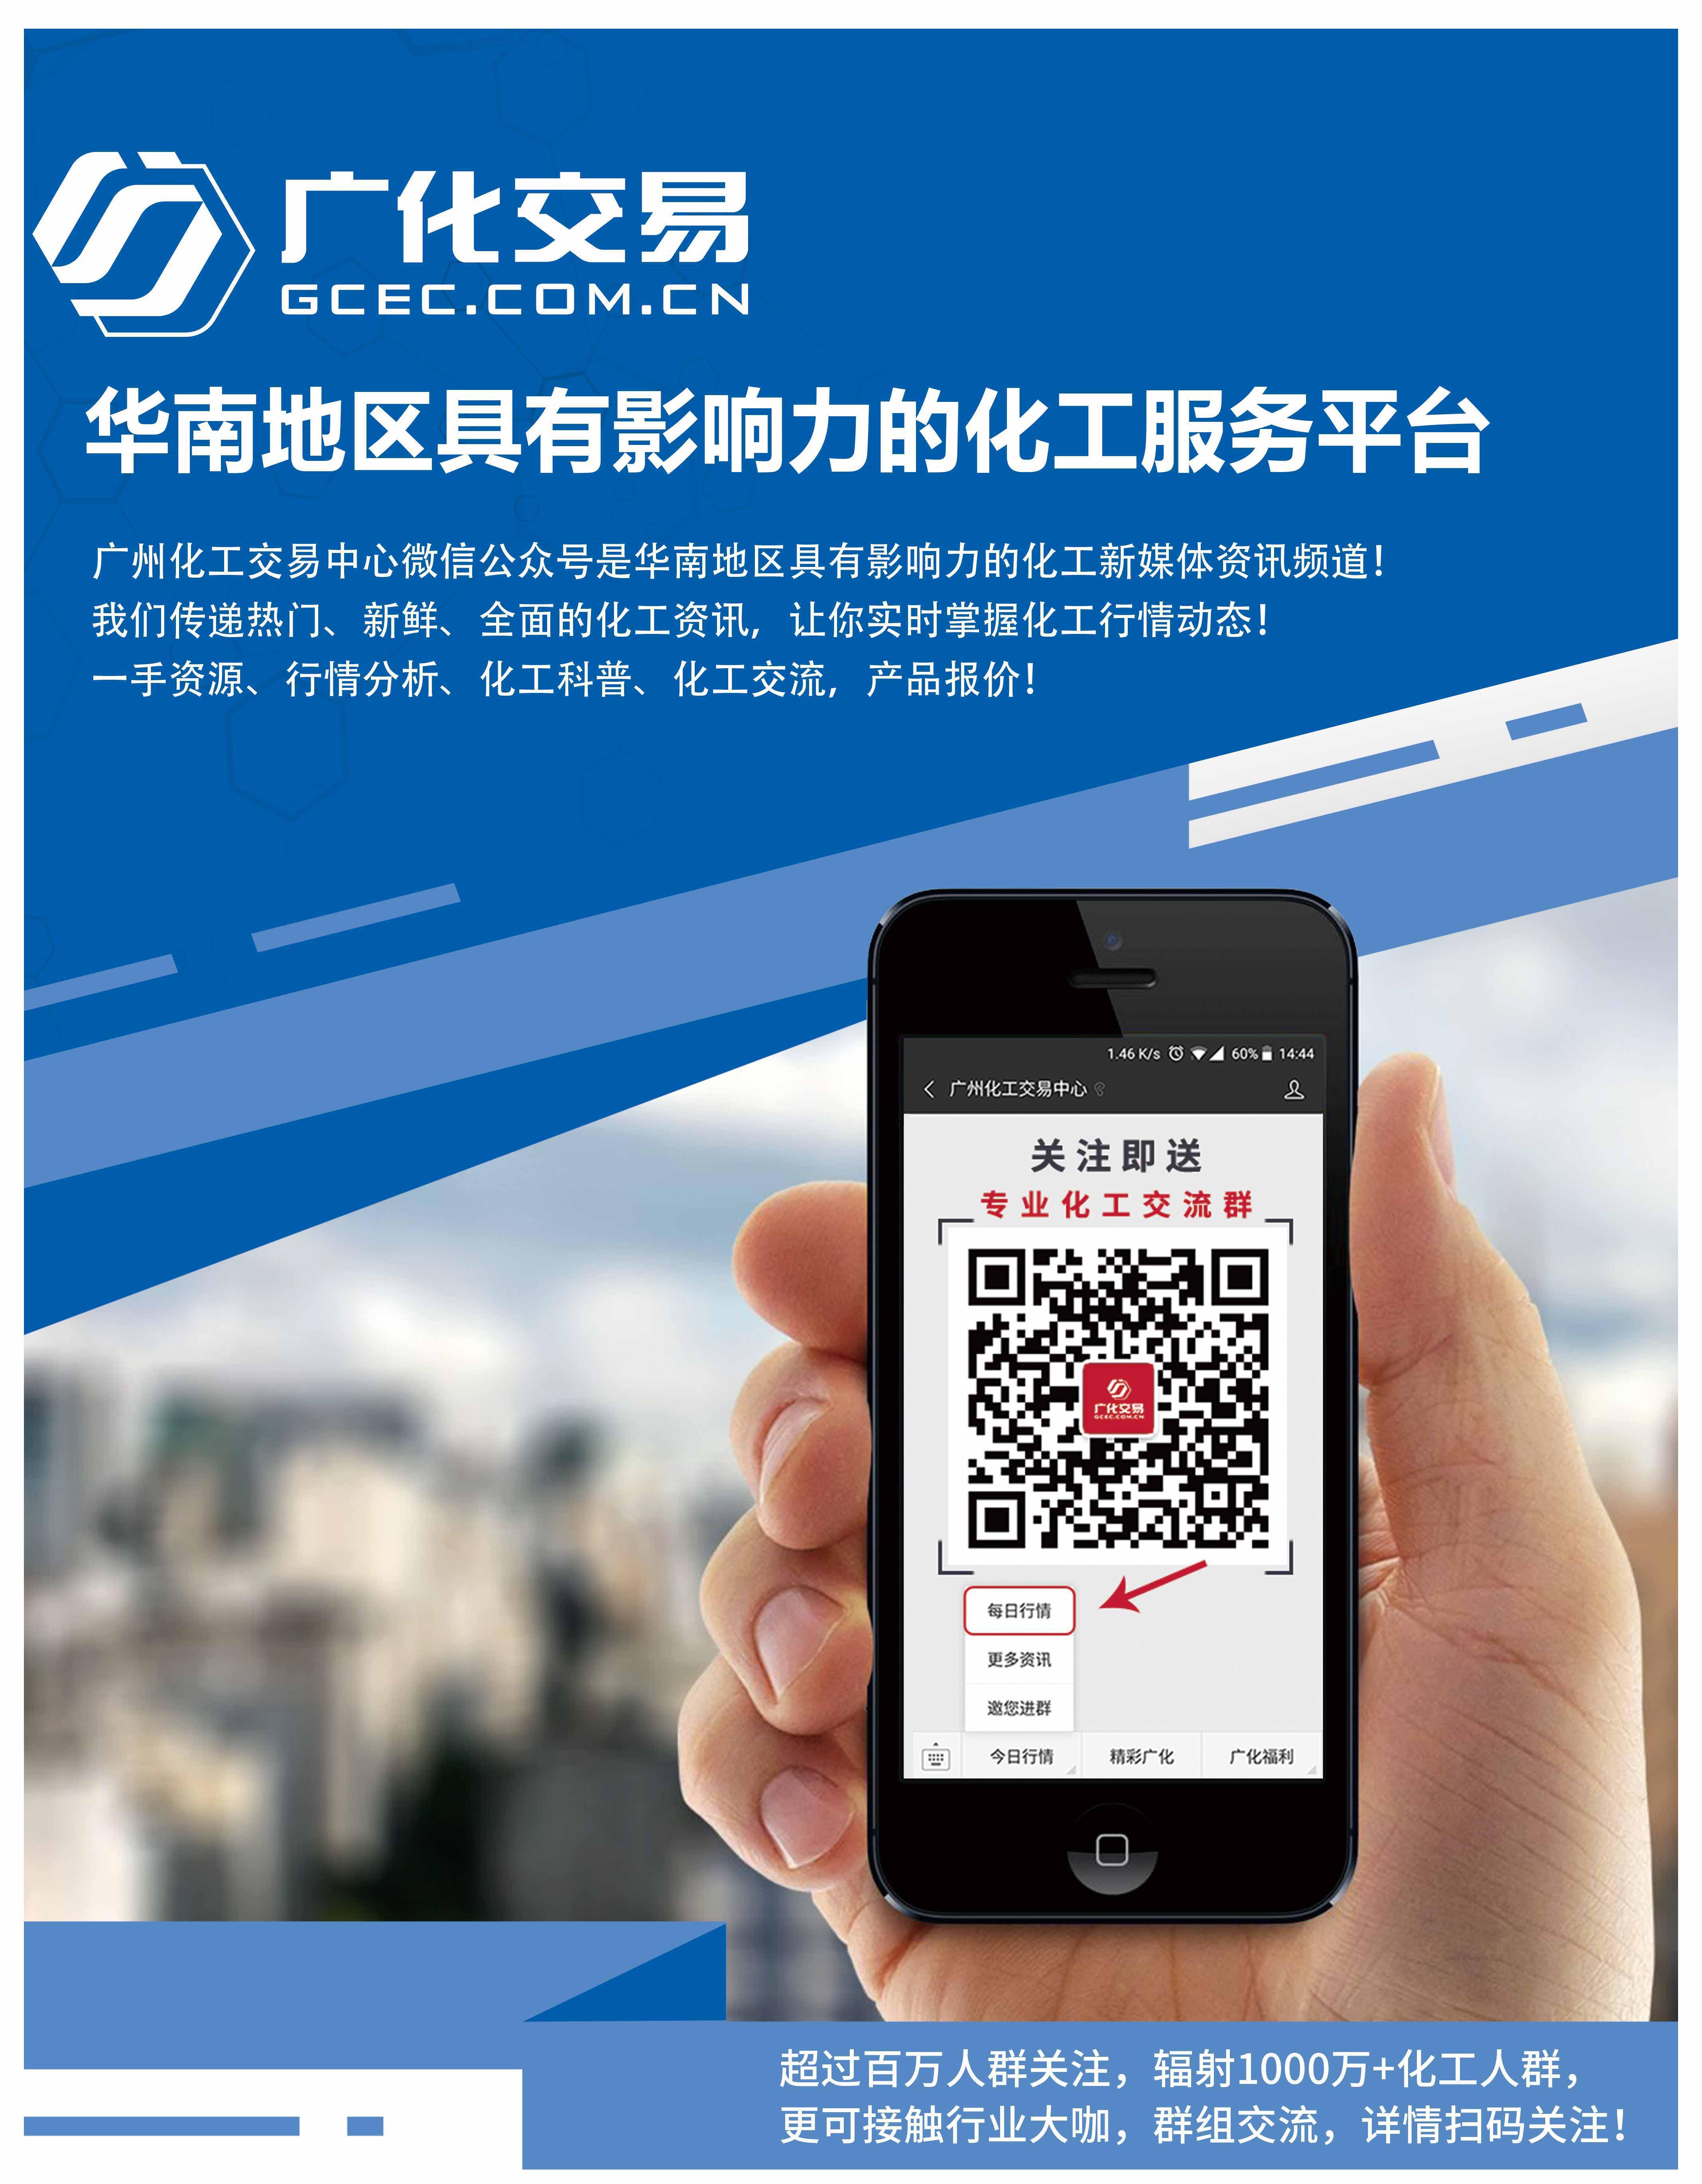 广州化工交易中心发布平台